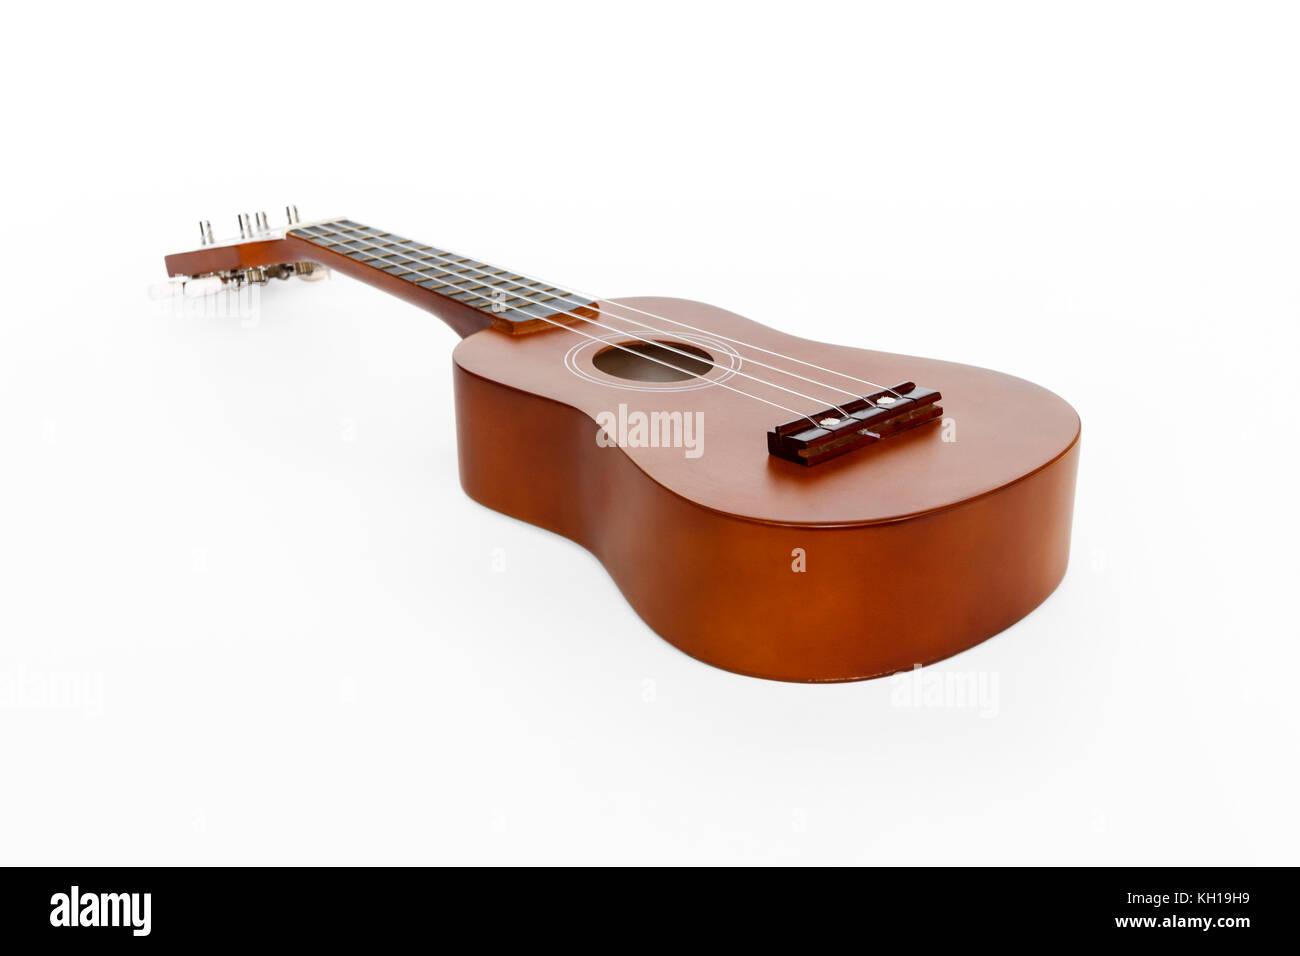 Small Guitar Stock Photos & Small Guitar Stock Images - Alamy